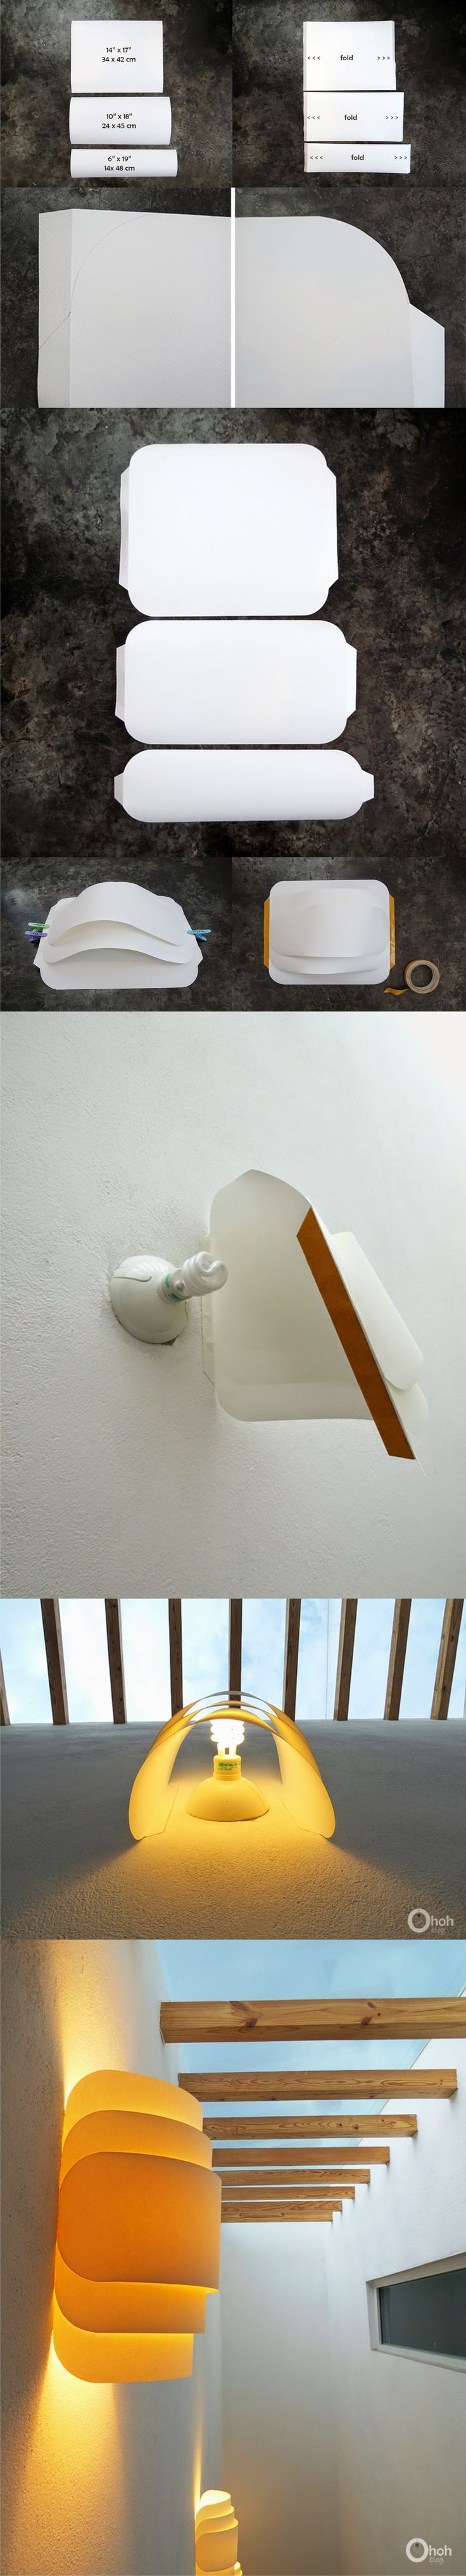 Lámpara de pared con papel doblado / Via www.Ohohblog.com